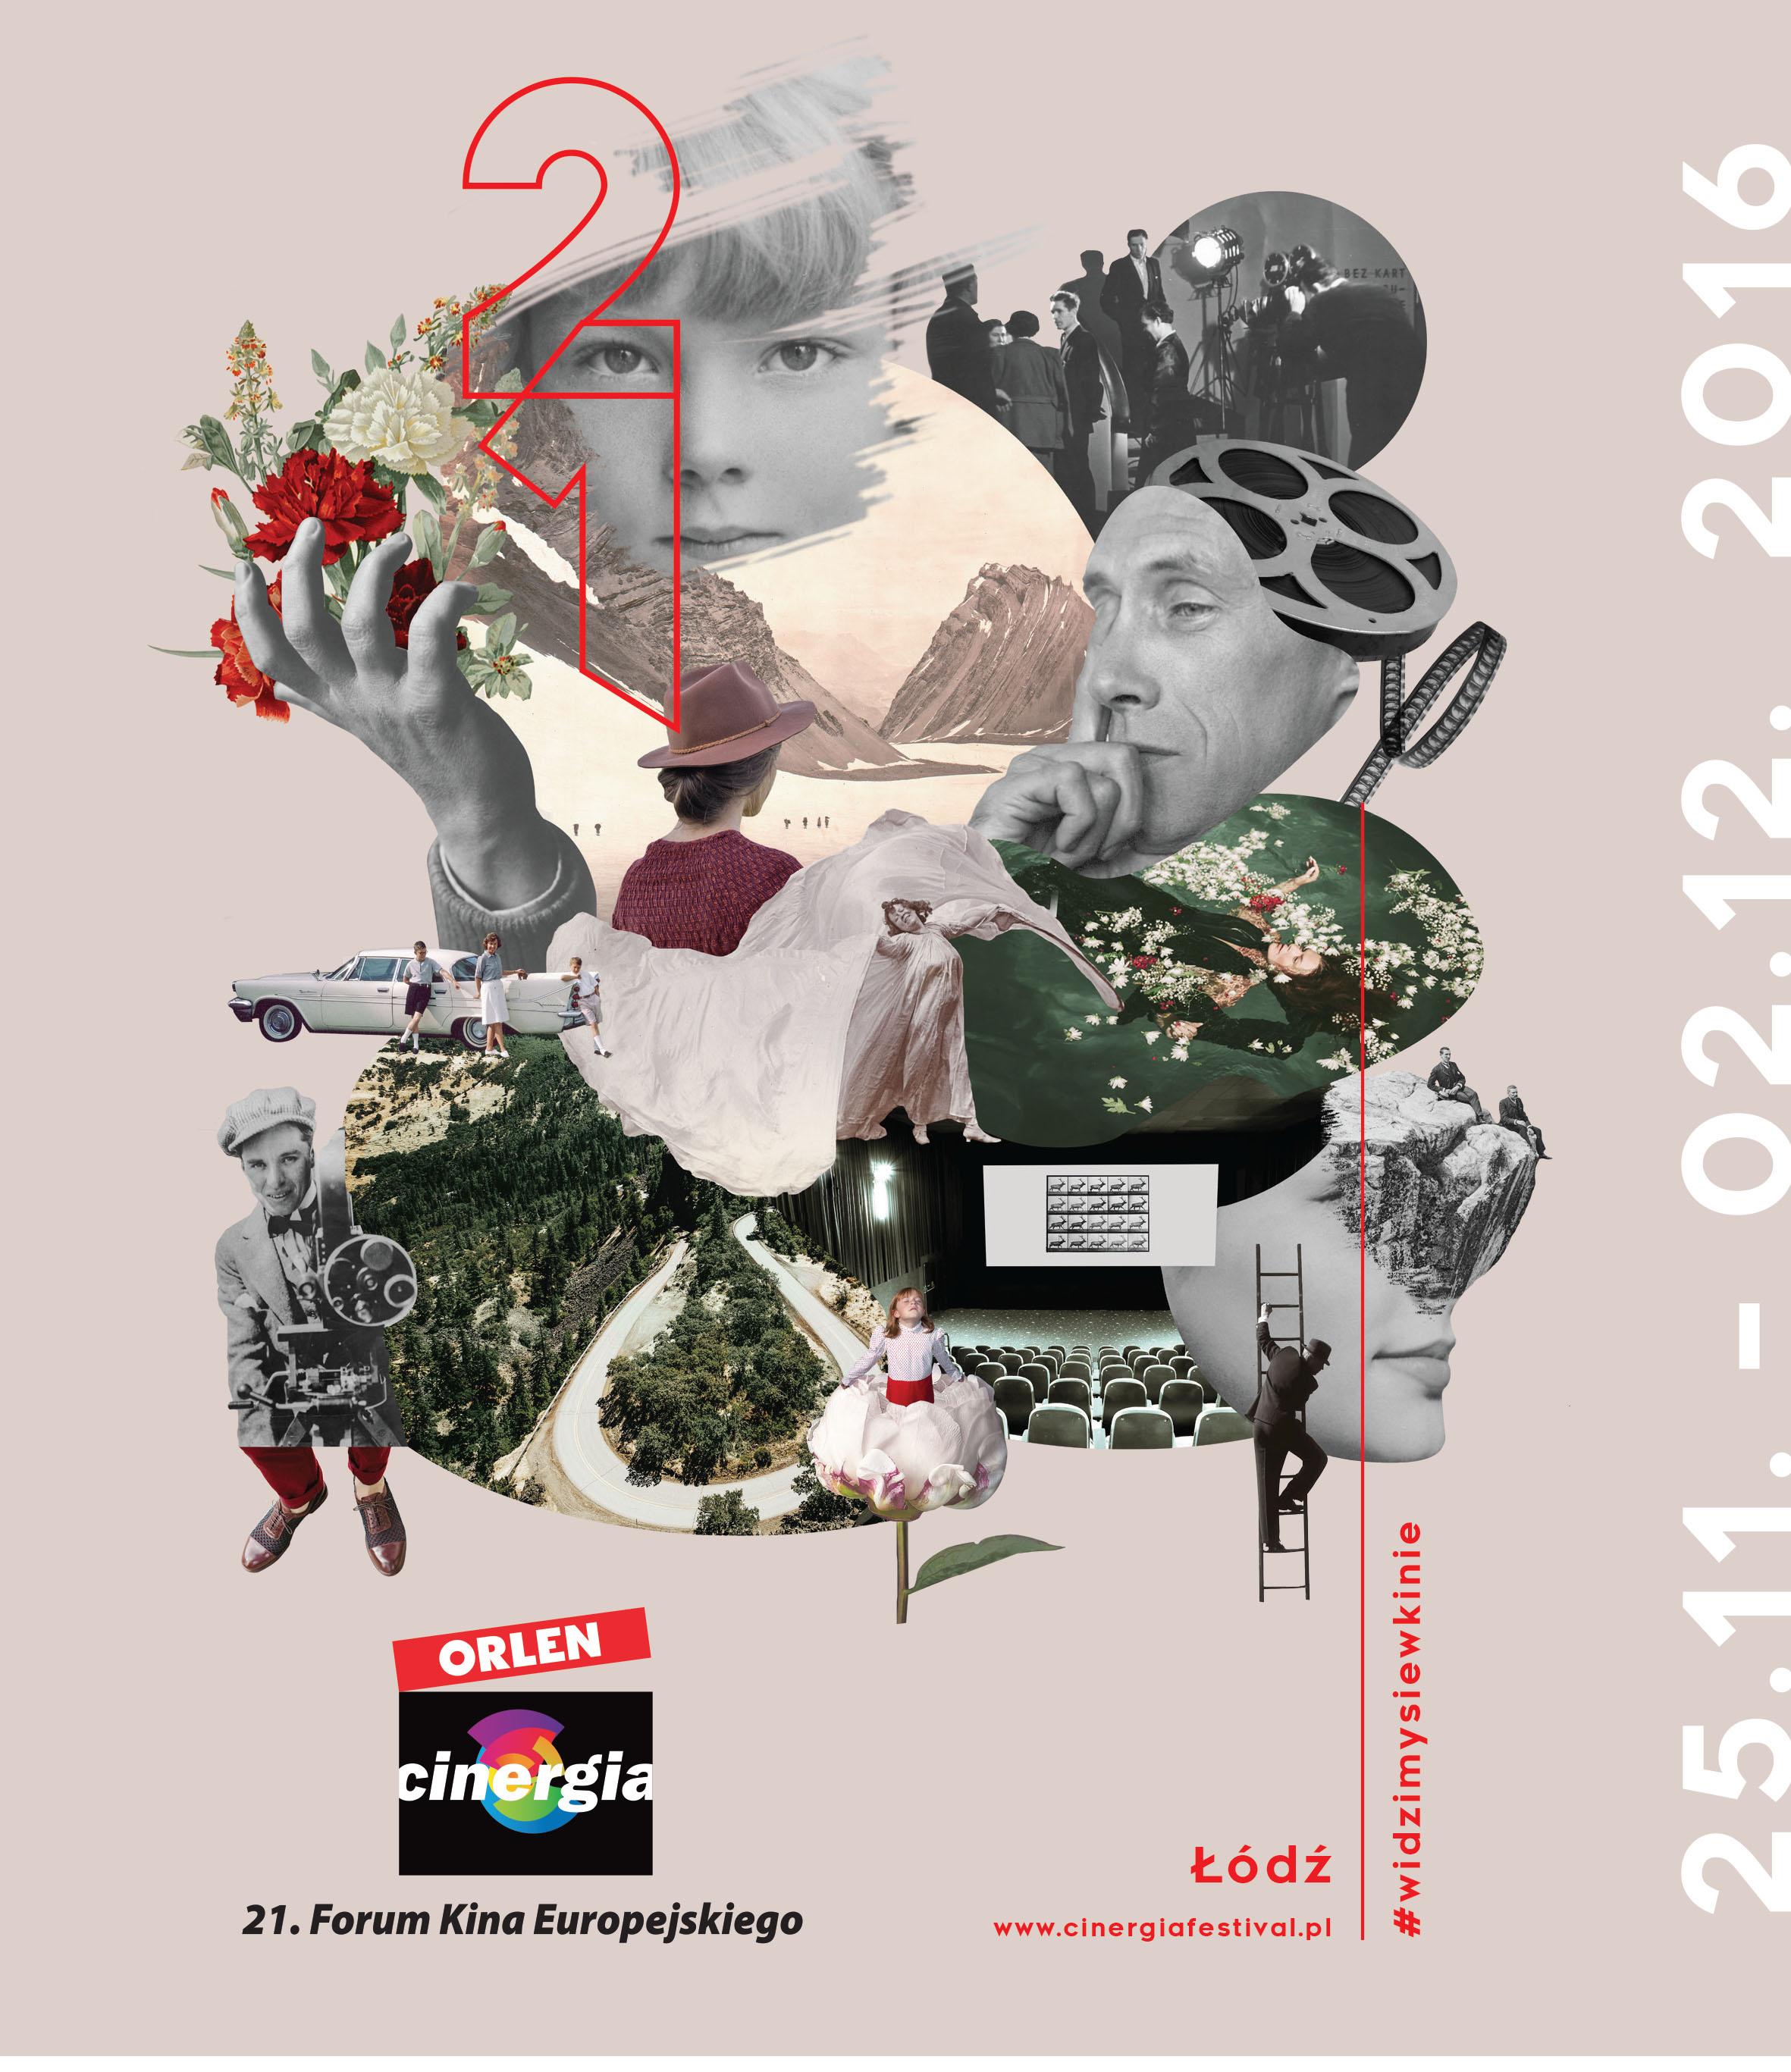 """""""21. Forum Kina Europejskiego ORLEN Cinergia"""" (źródło: materiały prasowe organizatora)"""